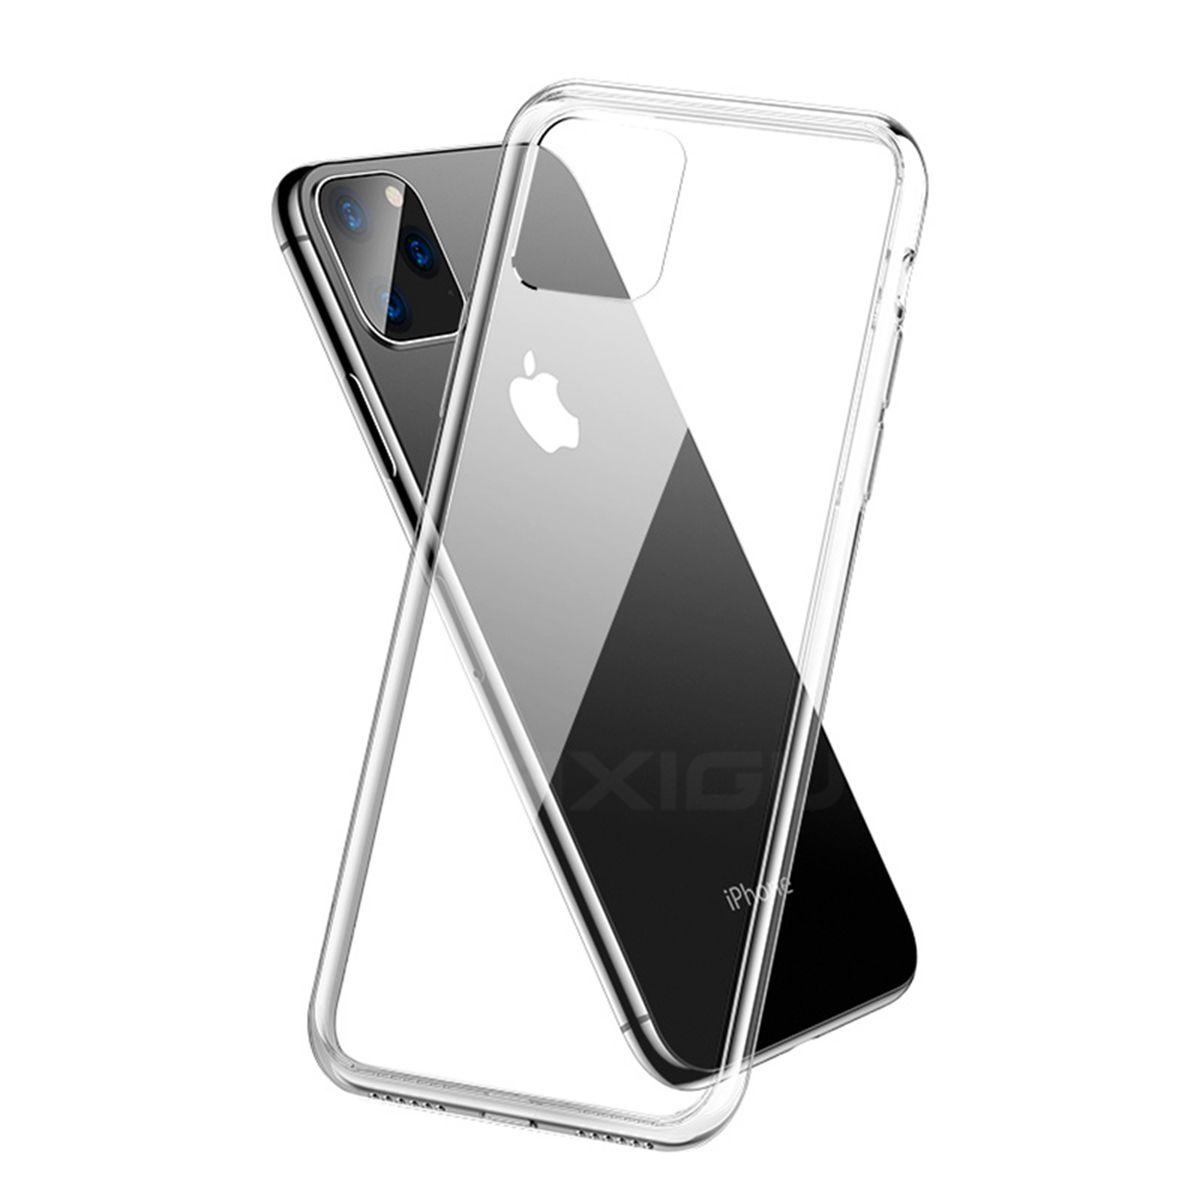 IPhone 12 Pro Max Mini Dayanıklı Şeffaf Yumuşak Silikon TPU Kılıf Arka Kapak Sararma Için iphone 11 XS XR SE Huawei Mate40 Pro + P40